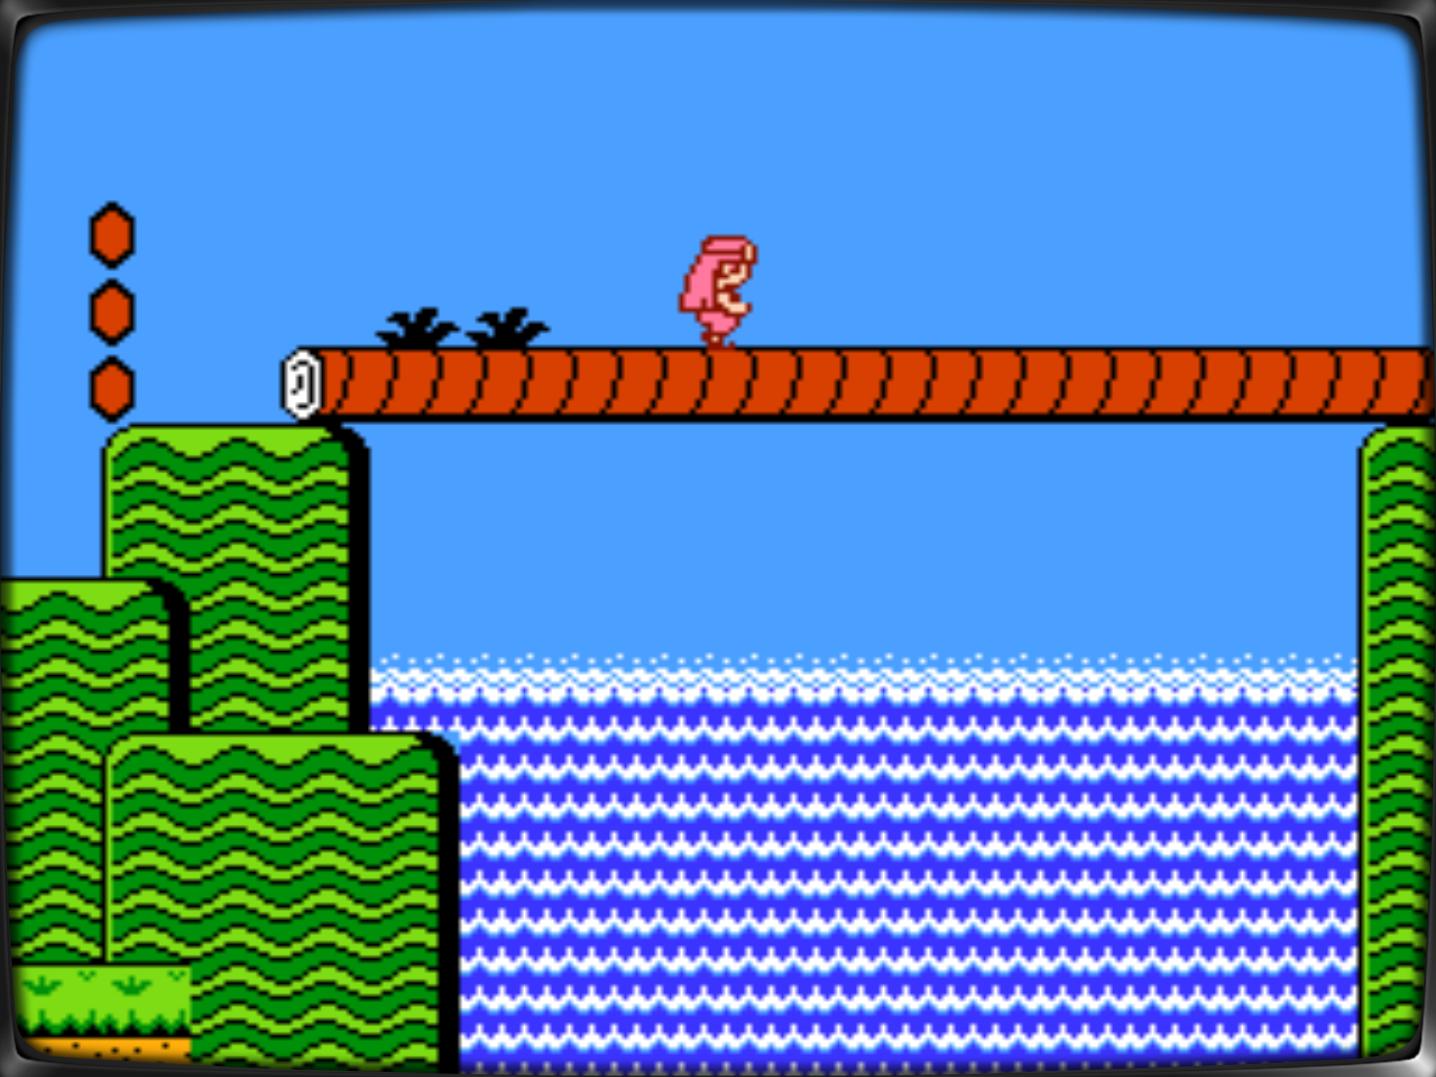 0_1530549669609_Yume Koujou Doki Doki Panic (1987)(Nintendo)[tr en]-180702-183935.png